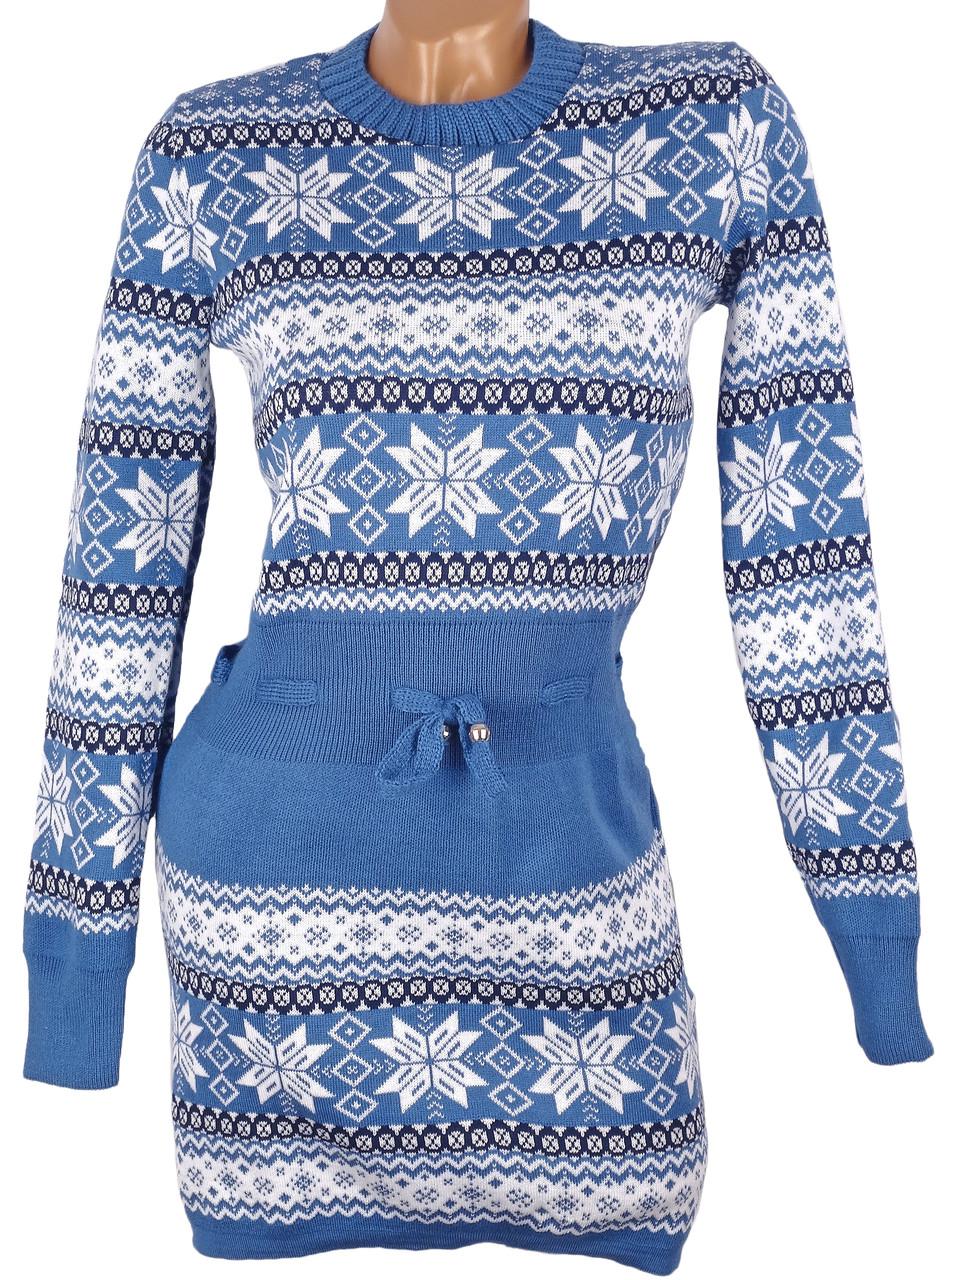 Зимнее платье вязка (в расцветках)